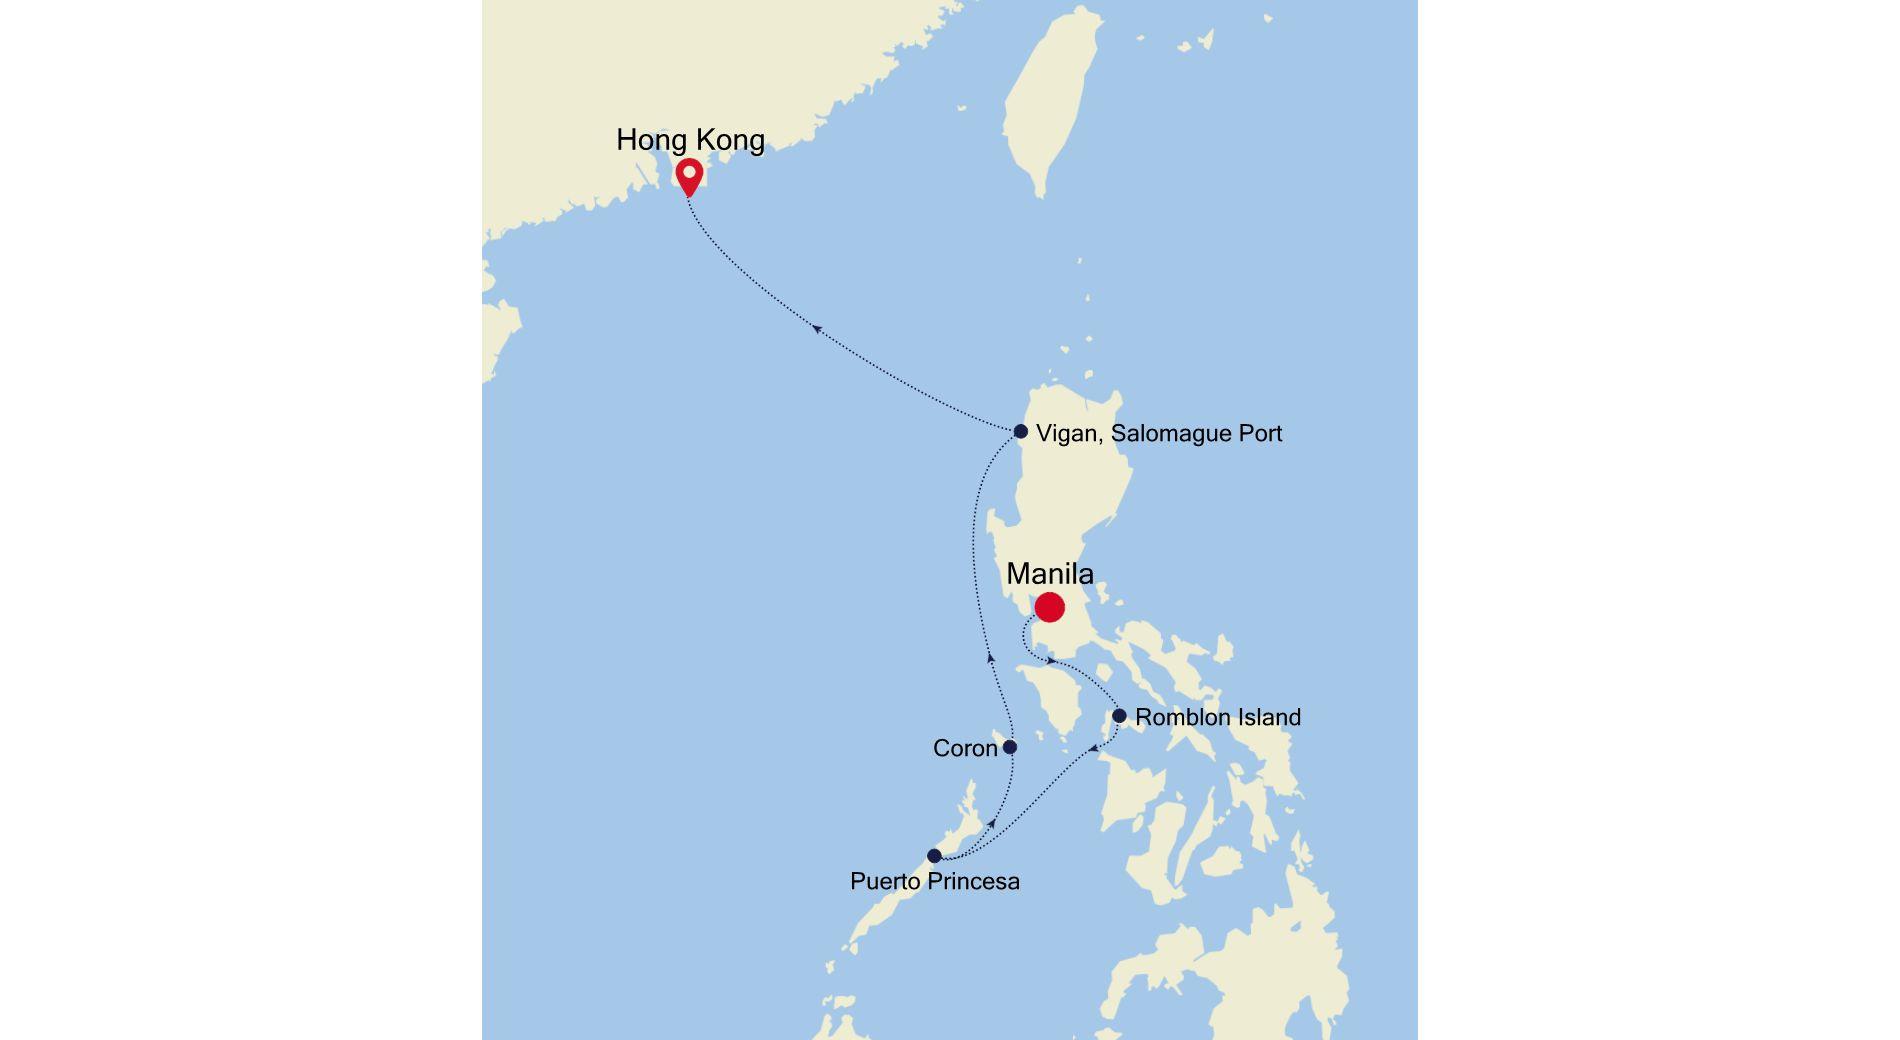 SL210110S06 - Manila to Hong Kong